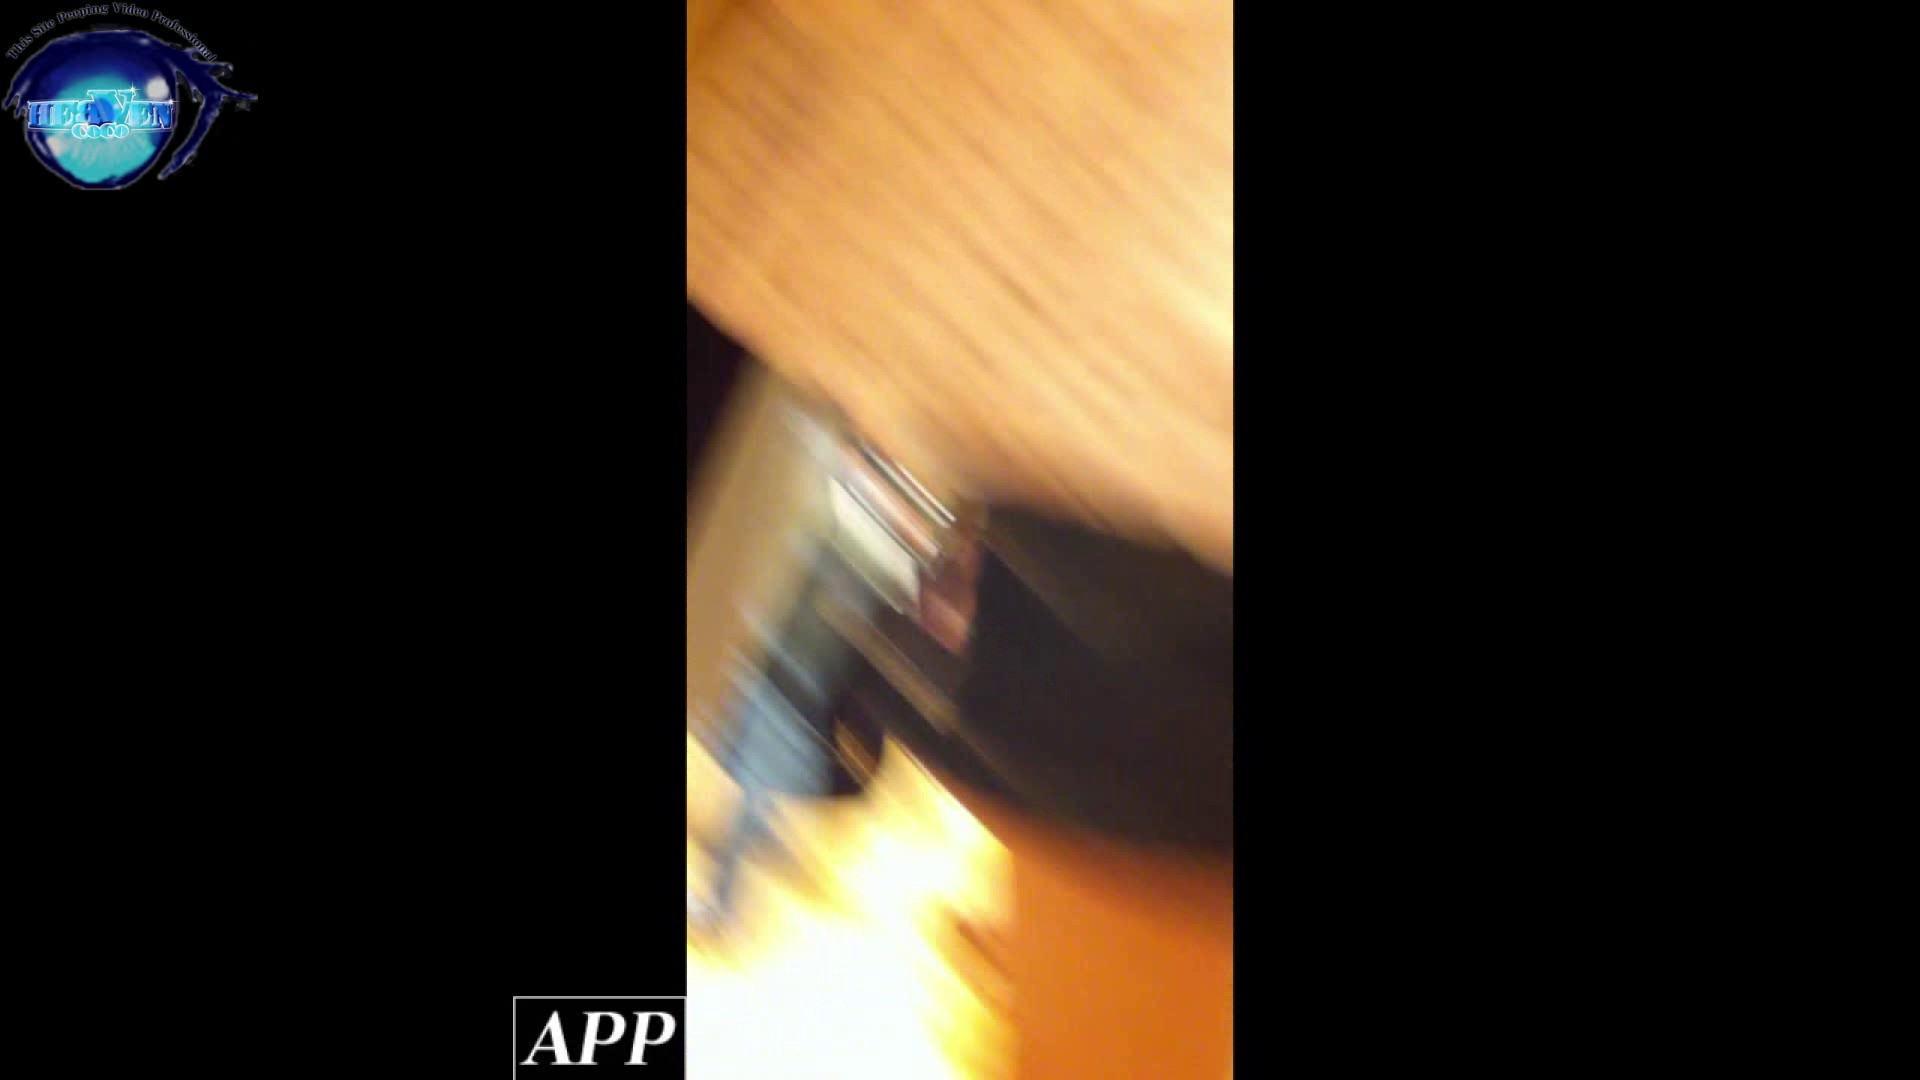 ハイビジョン盗撮!ショップ店員千人斬り!胸チラ編 vol.53 接写 盗み撮りSEX無修正画像 111画像 105